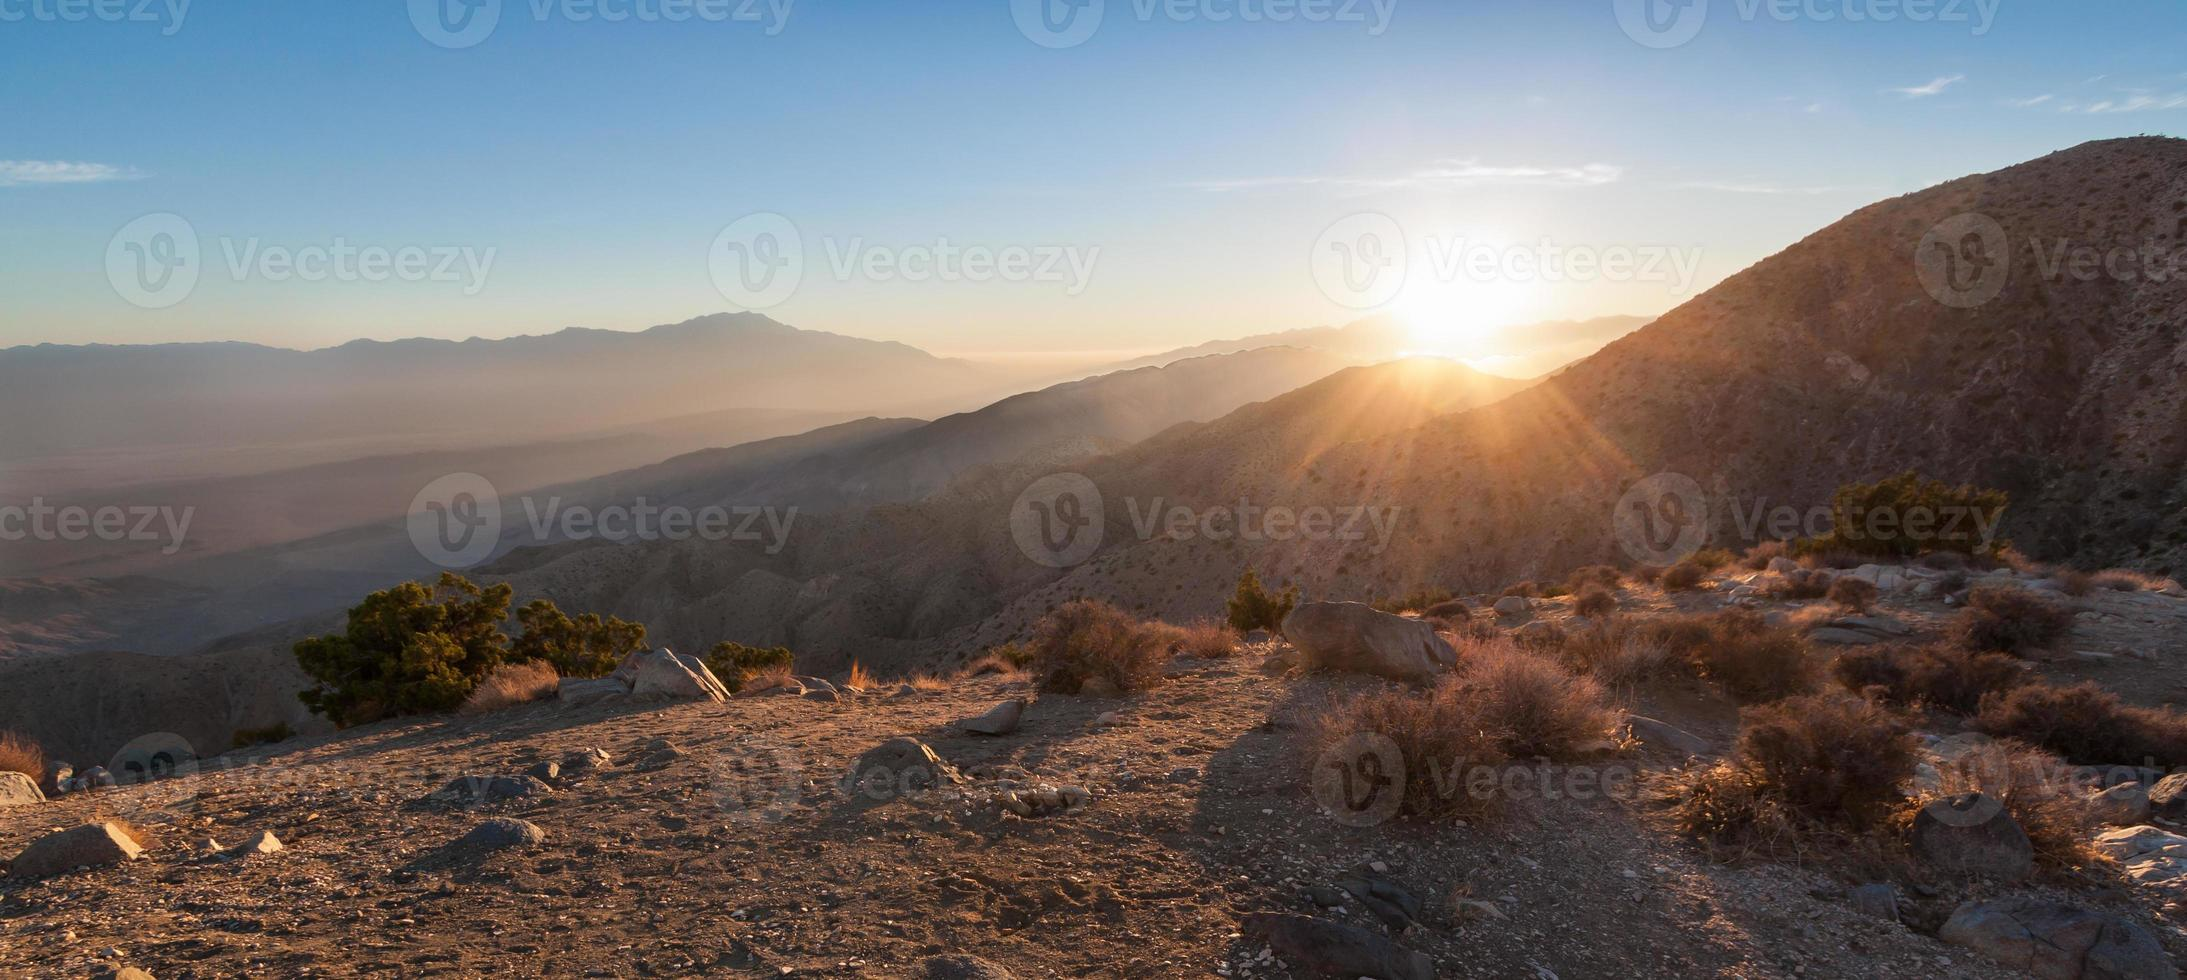 rayons de soleil sur la chaîne de montagnes dans le désert photo